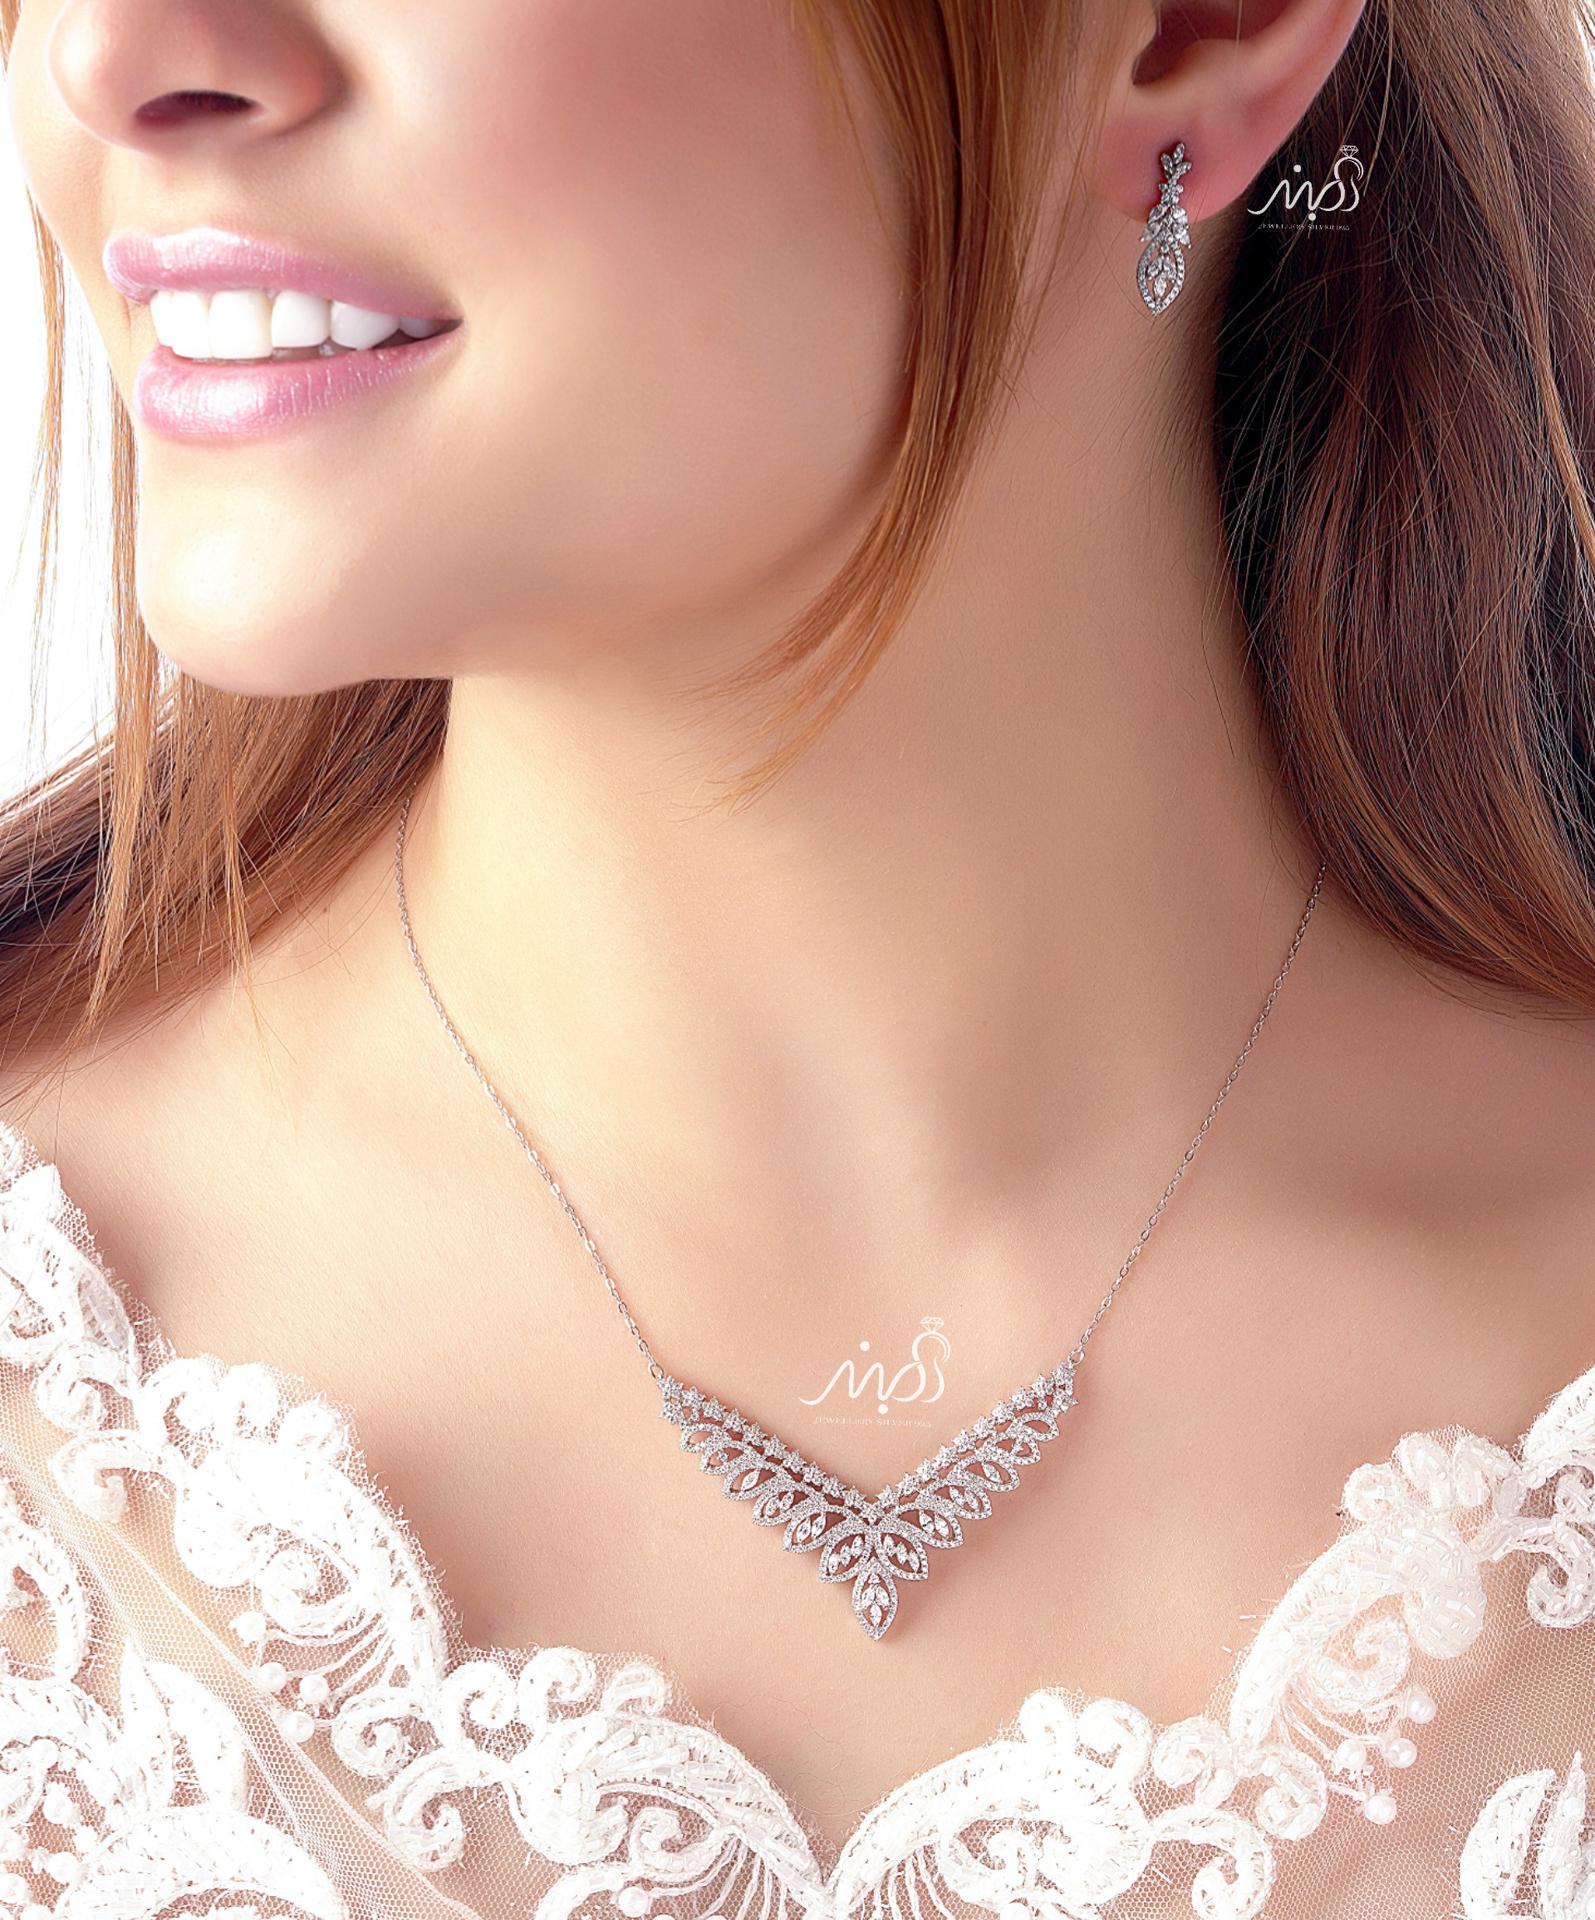 💍نیمست جواهری ظریف و زیبا میکروزنحیری با طراحی ژورنالی جواهرات بروز دنیا ، نگین های زیرکونیا اتریشی ؛ نقره عیار ۹۲۵ با روکش طلا سفید 